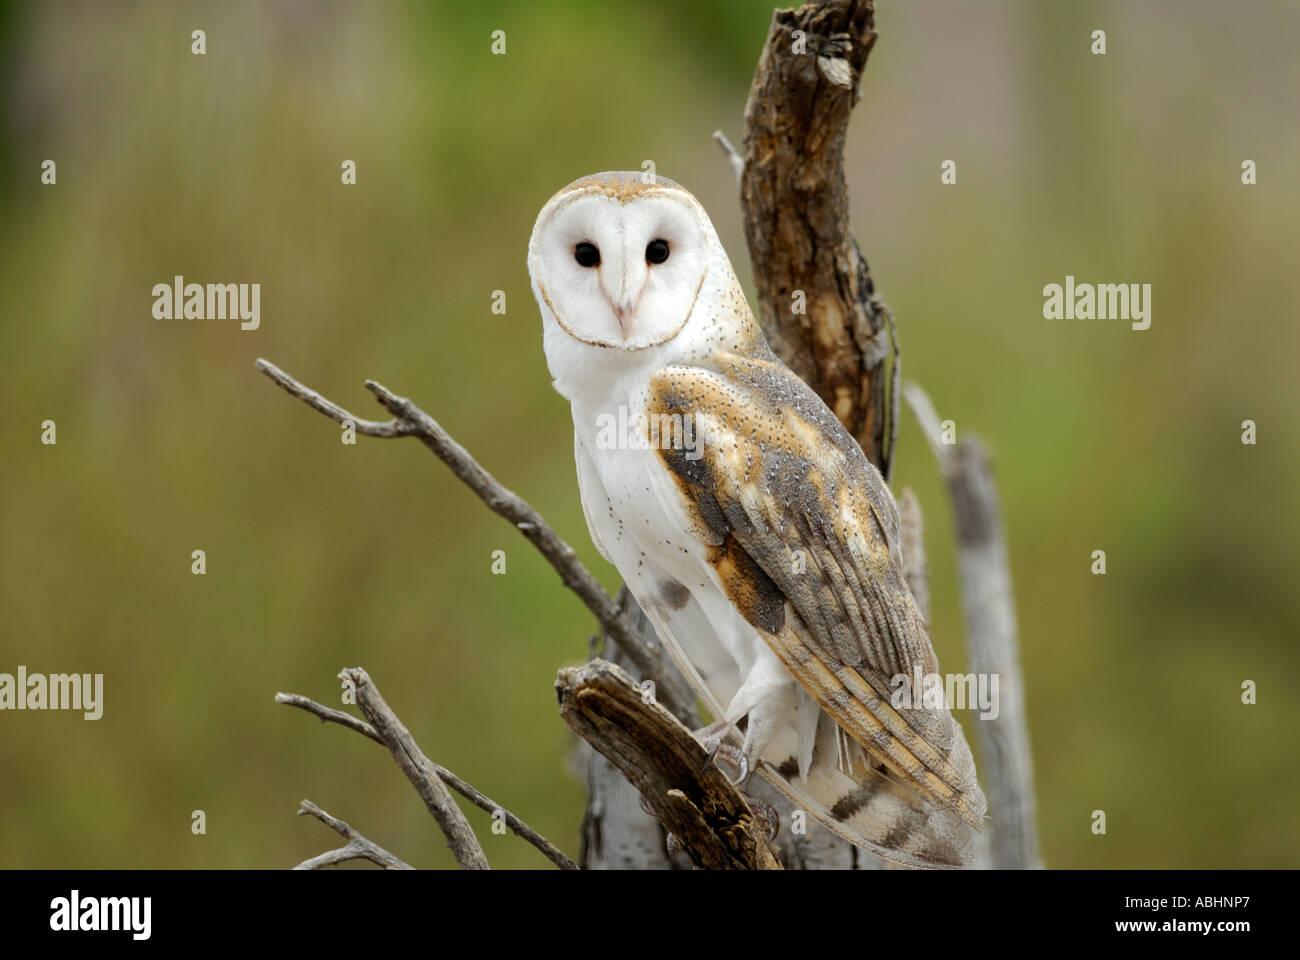 Il barbagianni, Tyto alba, close-up, appollaiato sul ramo, guardando la fotocamera Immagini Stock